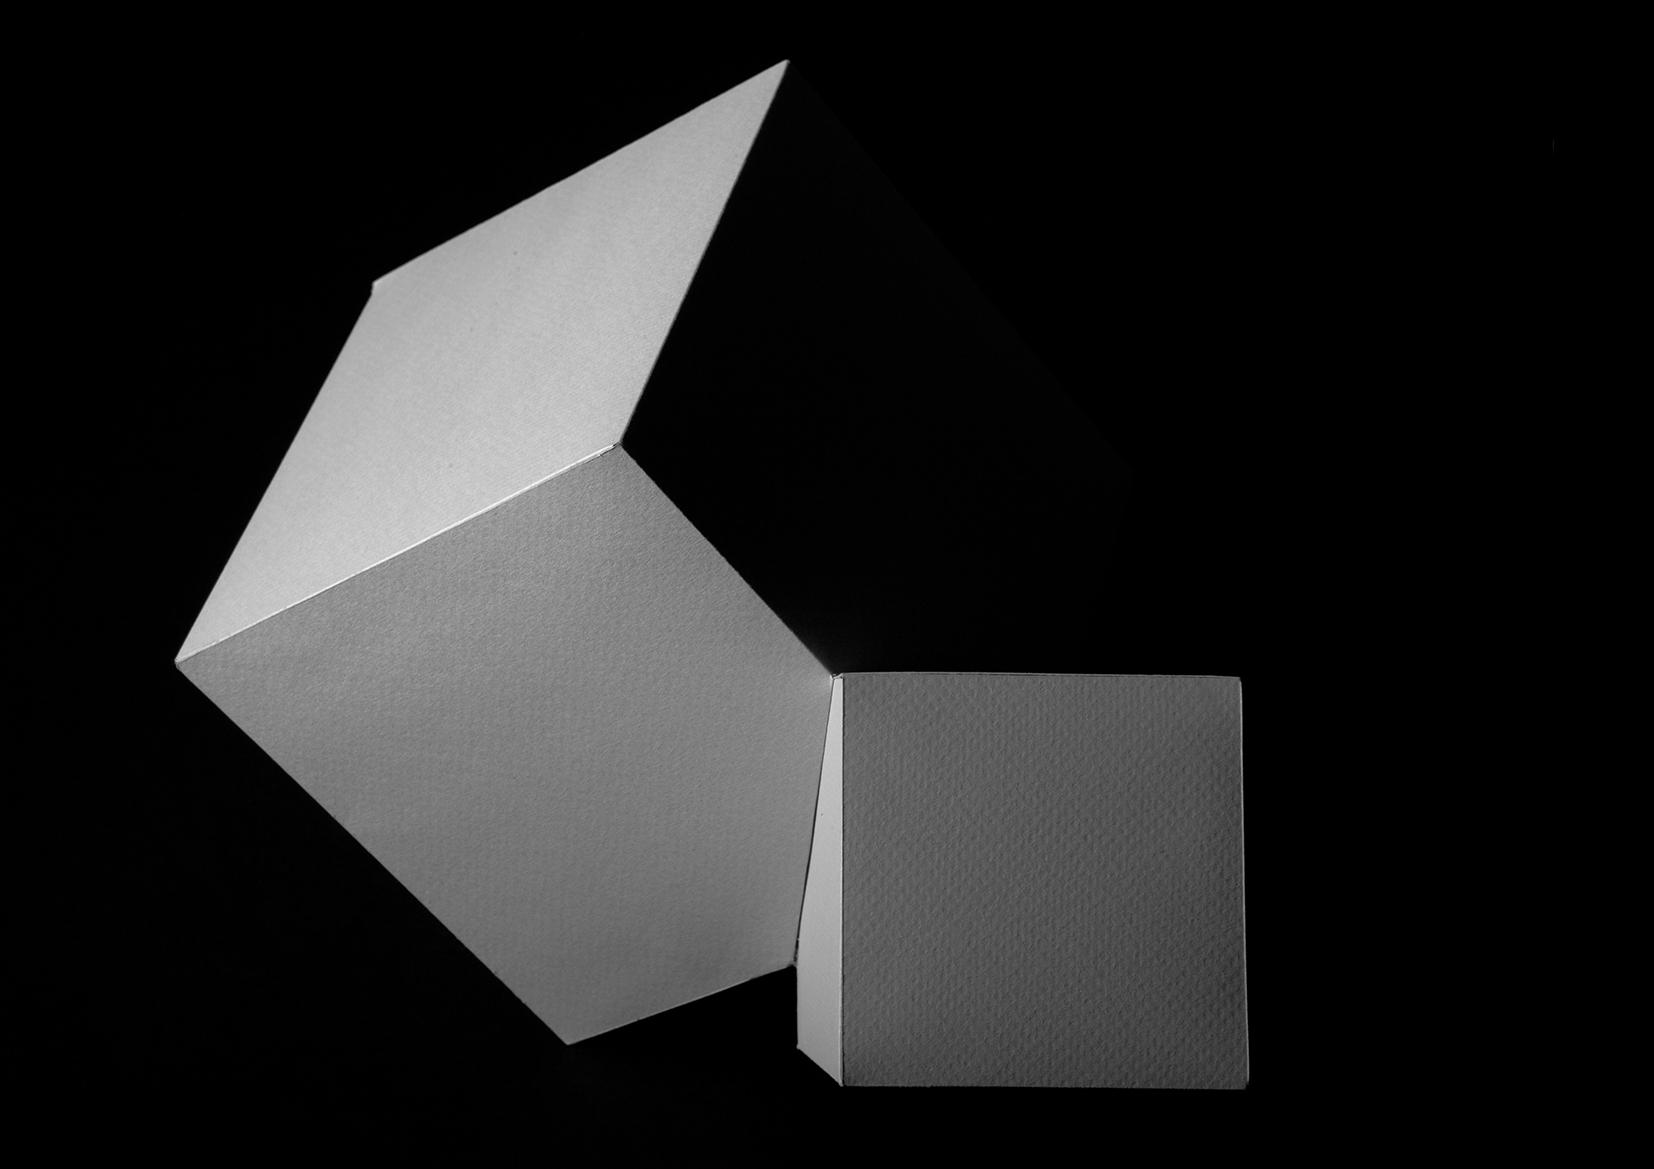 tvarová studie z papíru<br>(intervence do tvaru krychle)<br> závěrečná práce v předmětu <br>Prostorová a materiálová cvičení<br>1. ročník | 2018/19